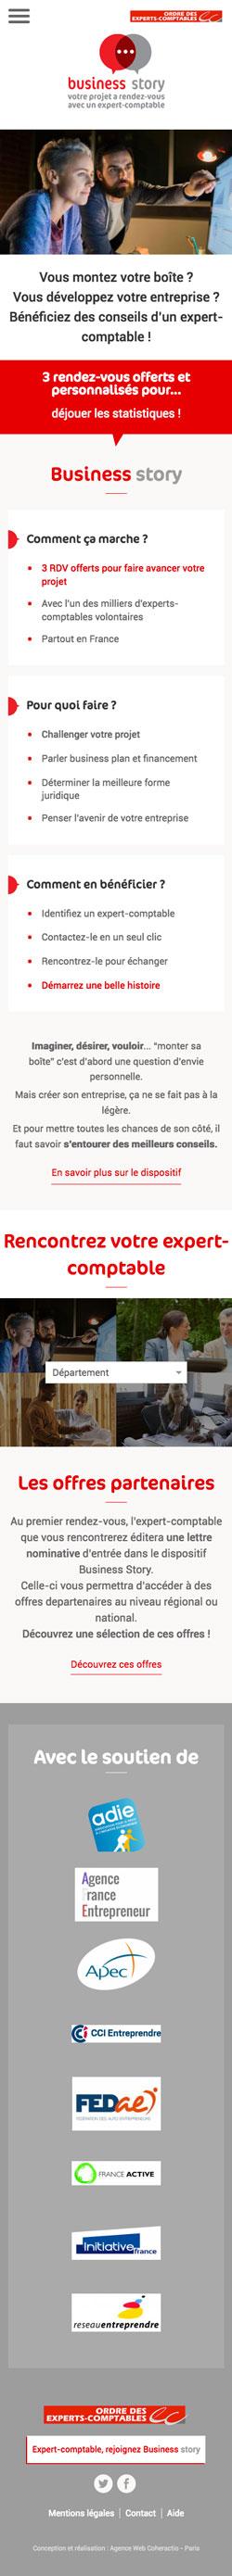 Business Story - Conception site mobile par Agence Web Coheractio